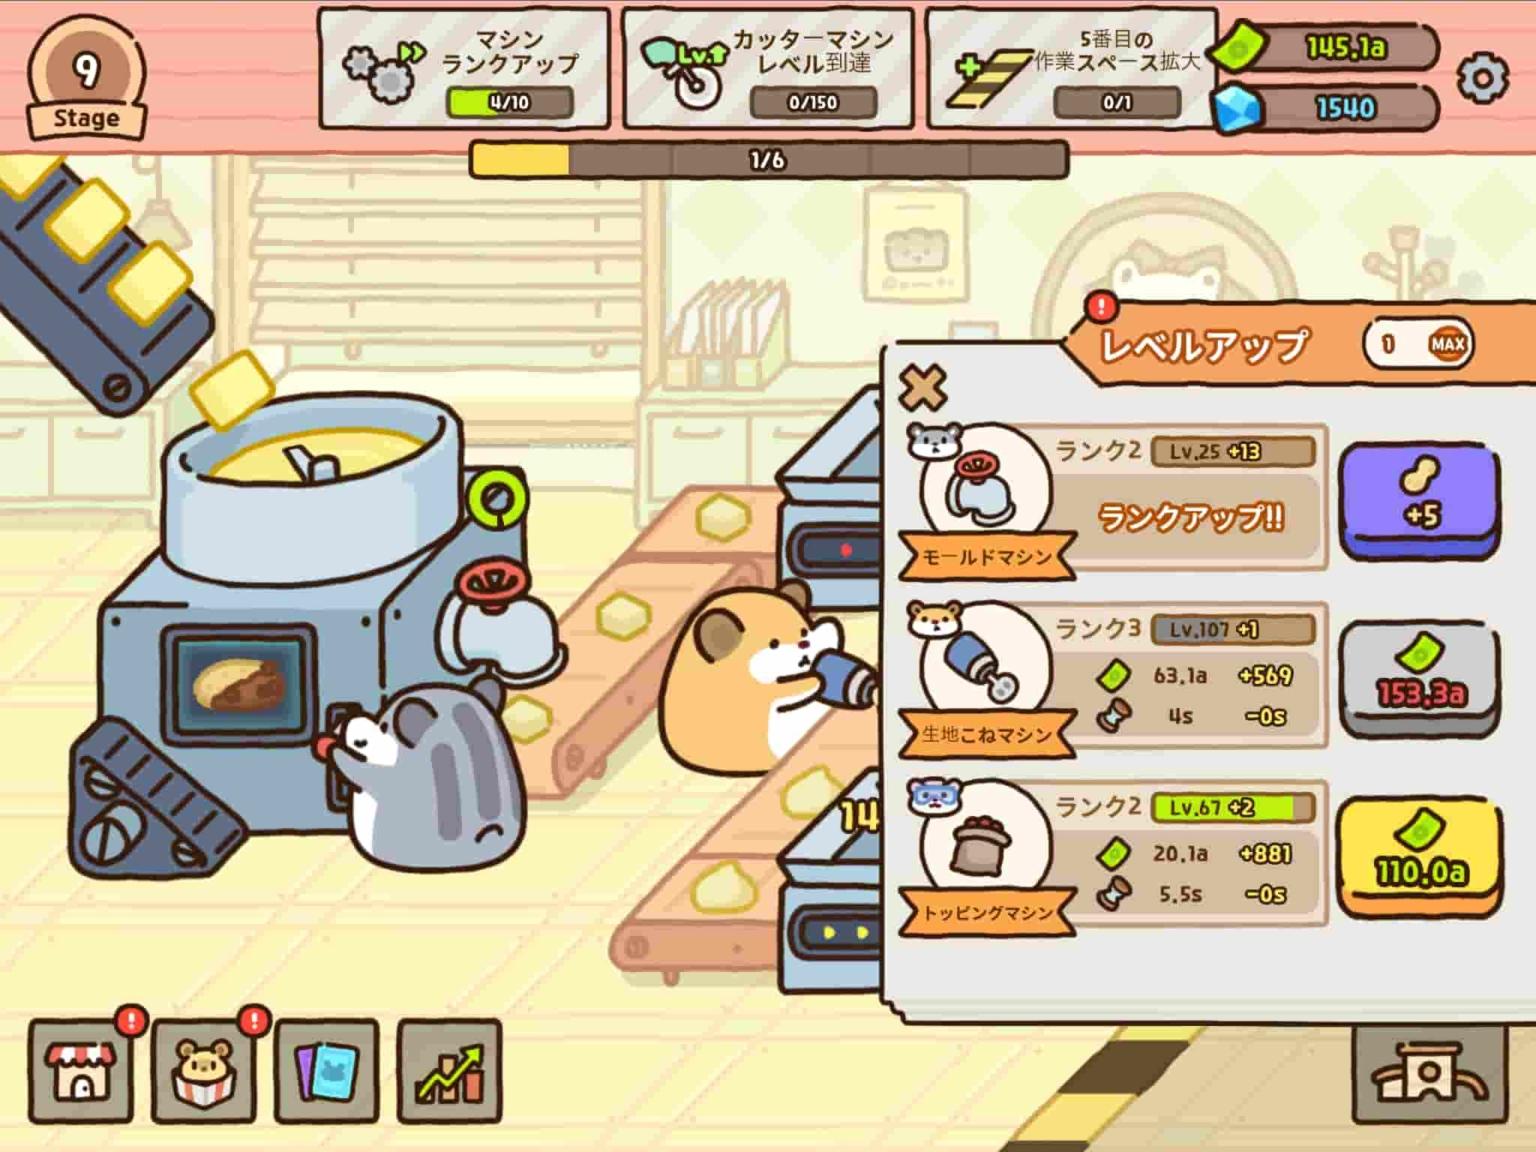 ハムスタークッキー工場、おすすめシミュレーションゲーム